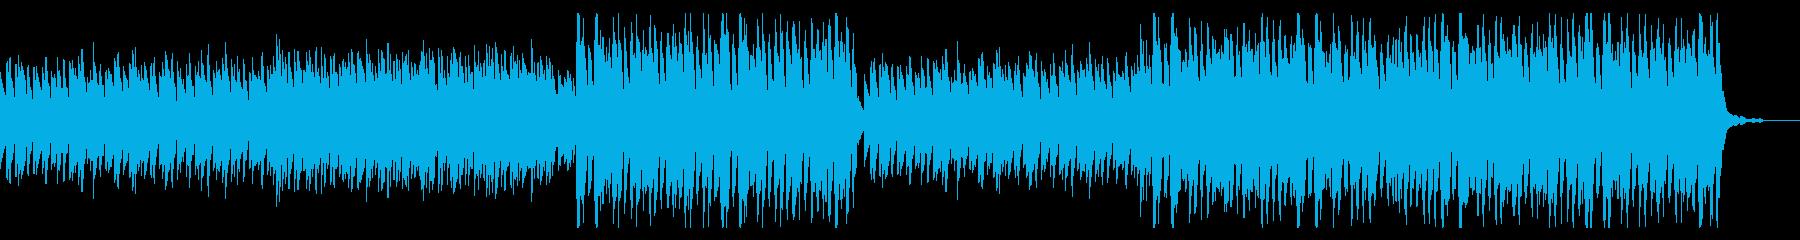 かわいい冬季用BGMの再生済みの波形